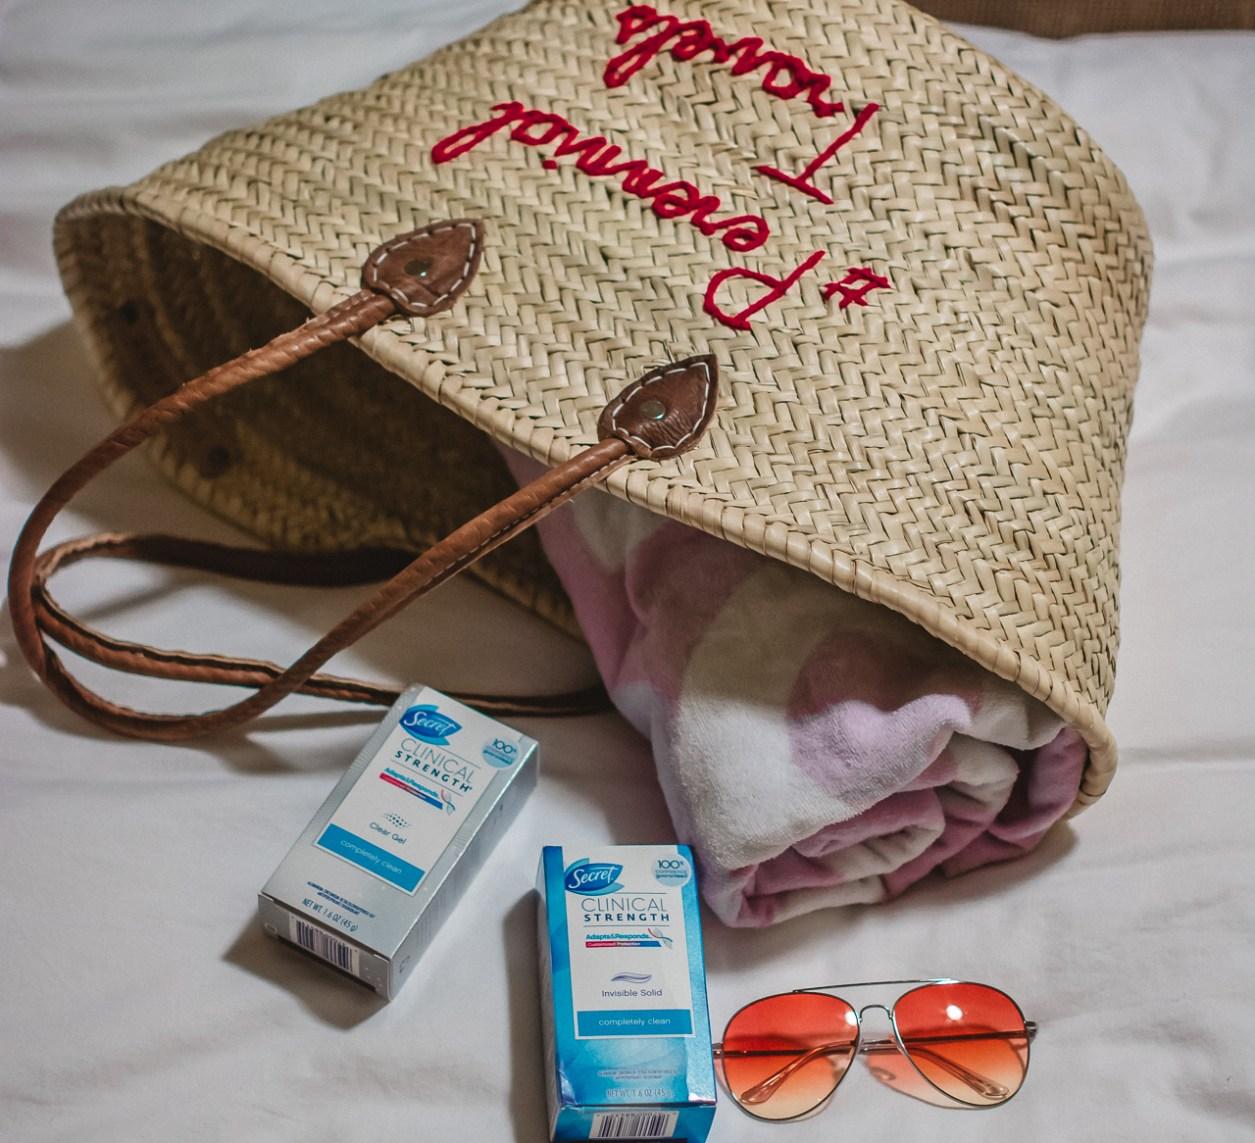 beach bag essentials beauty tips